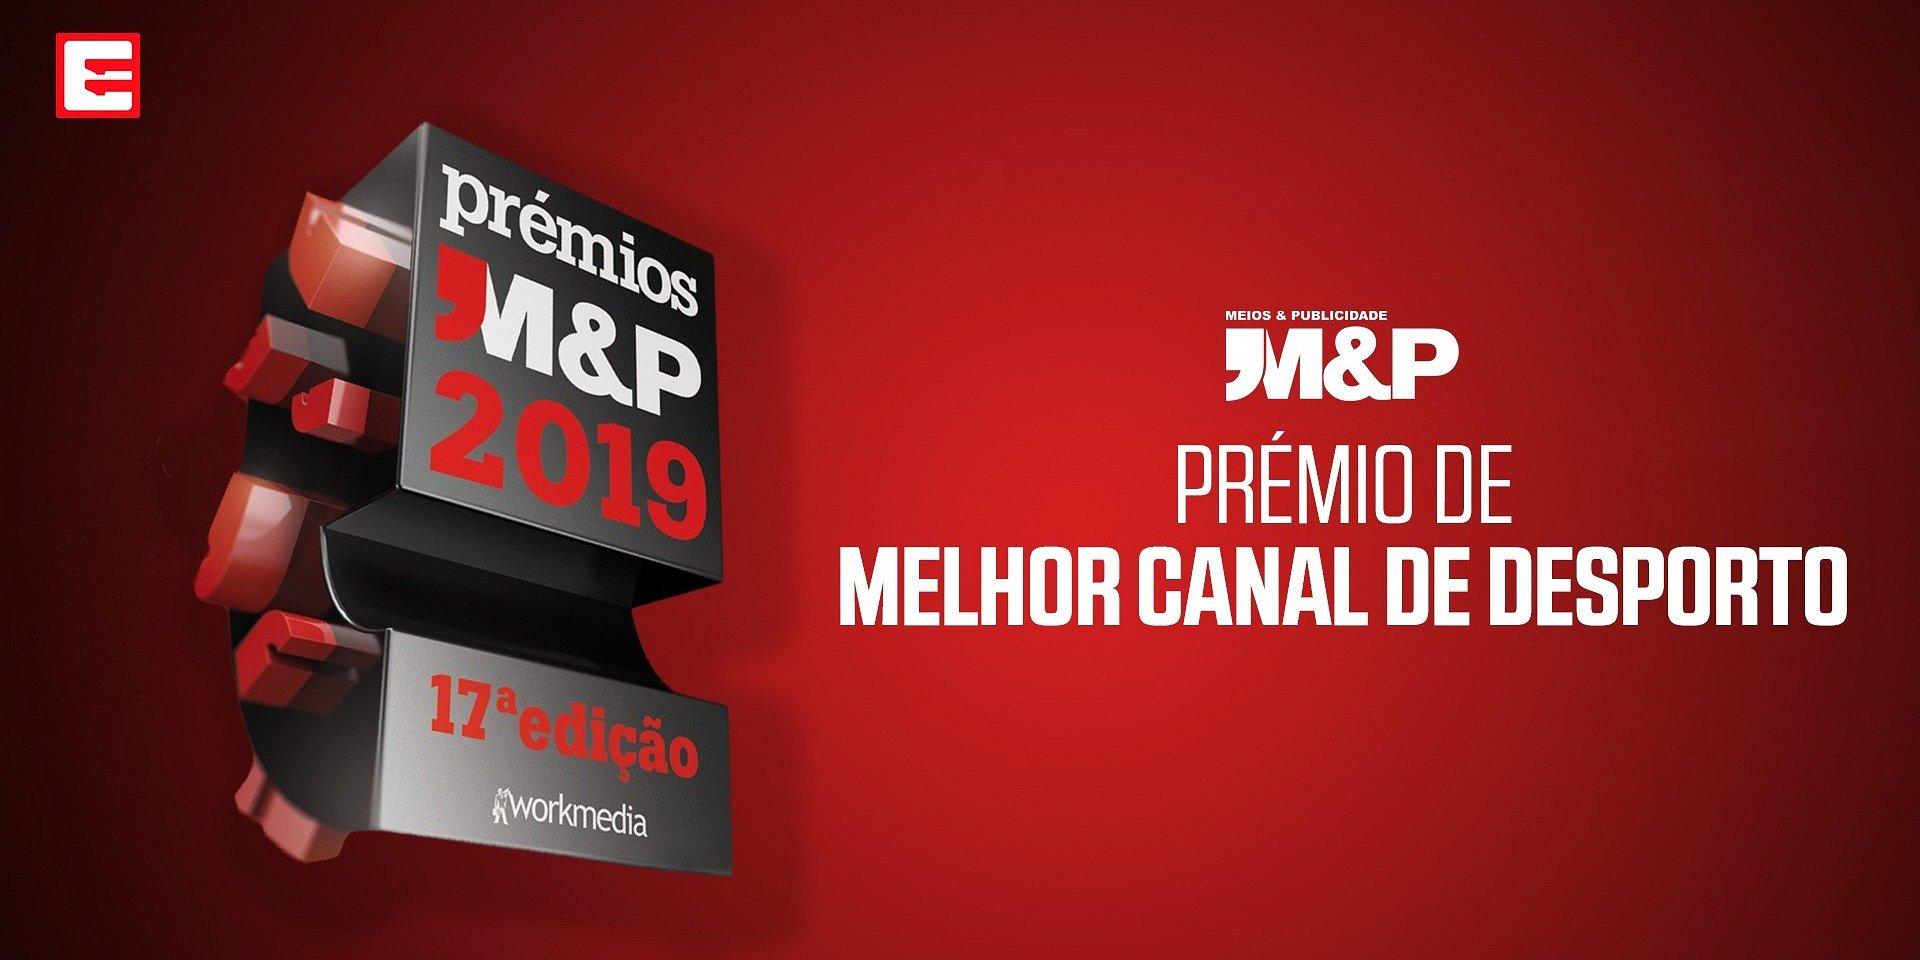 ELEVEN SPORTS ELEITO MELHOR CANAL DE DESPORTO